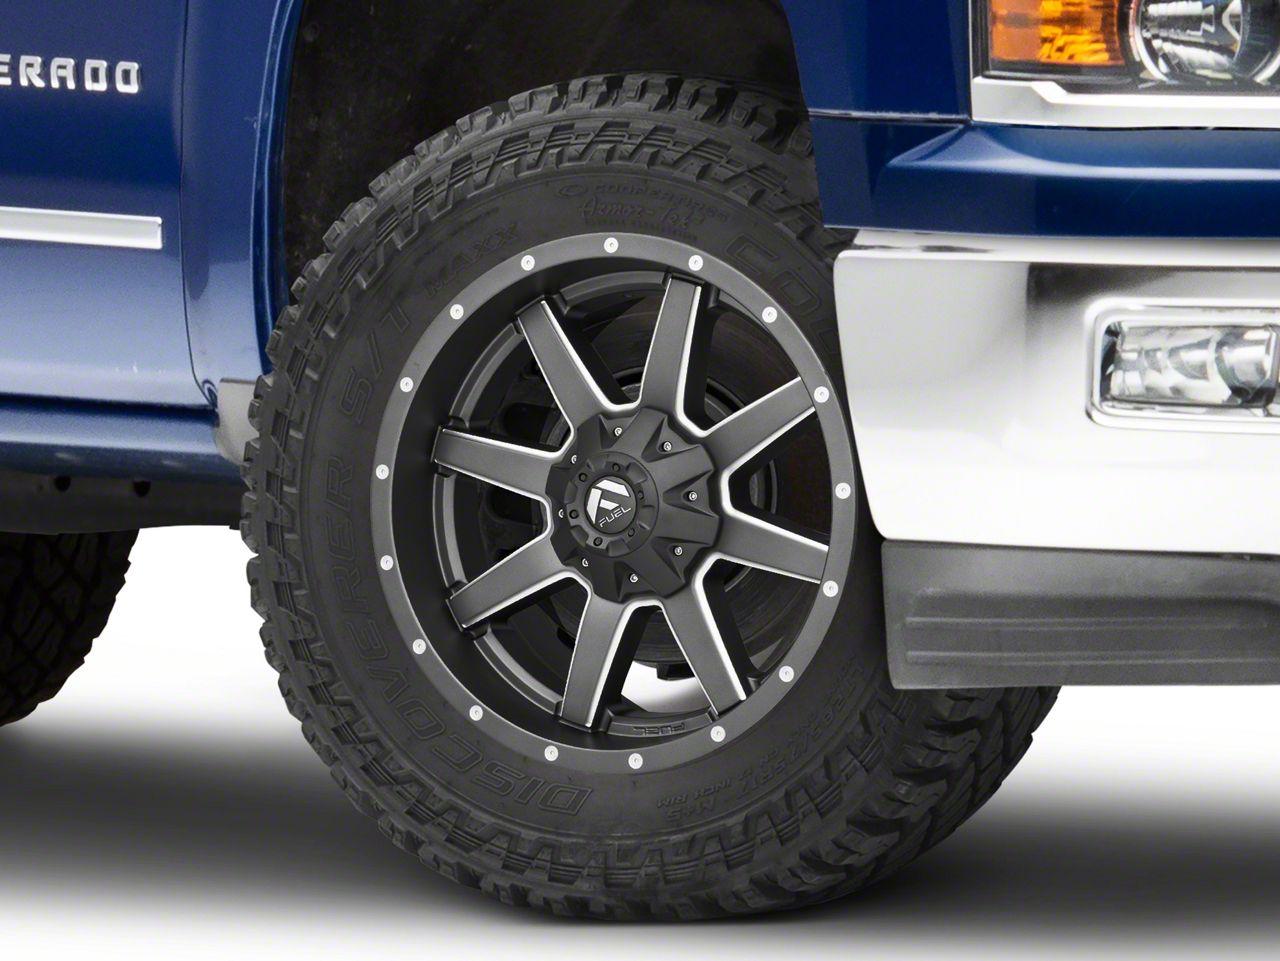 Fuel Wheels Maverick Gun Metal 6-Lug Wheel - 20x10 (99-18 Silverado 1500)